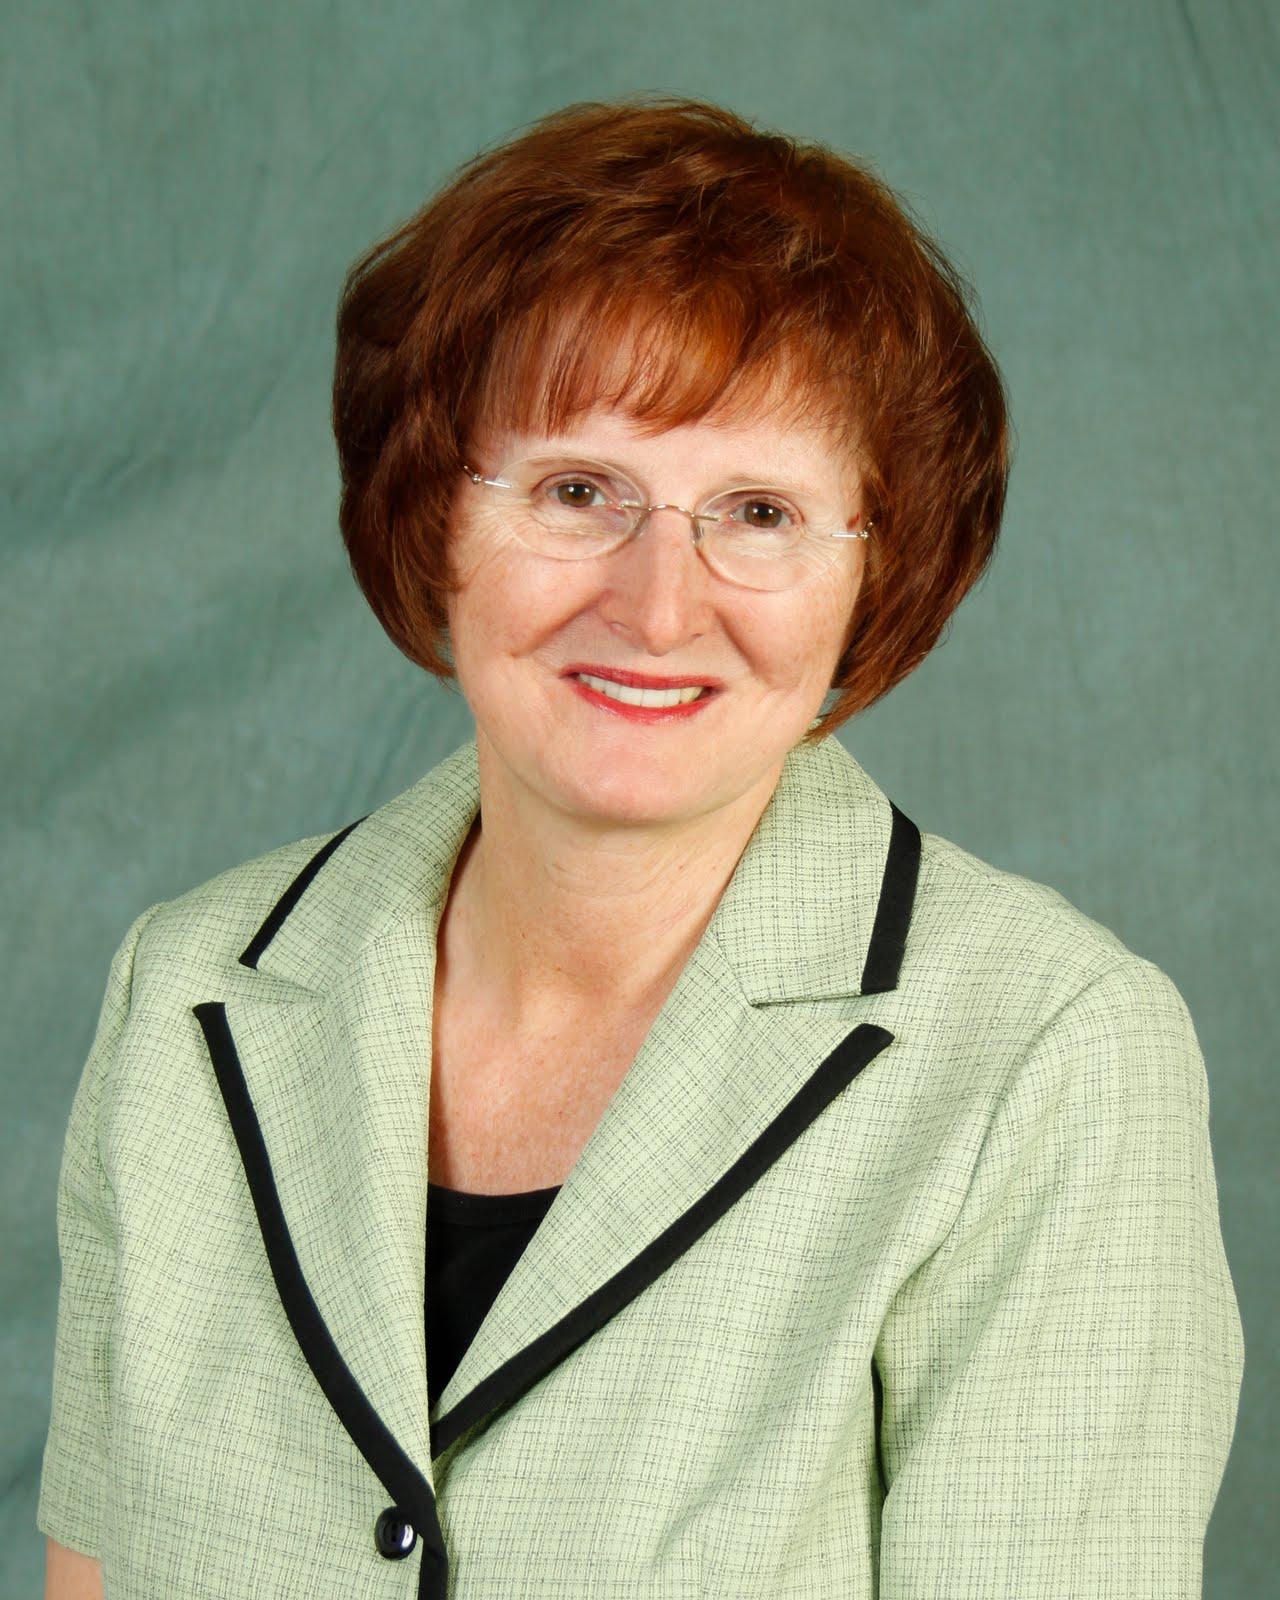 Wanda Brunstetter